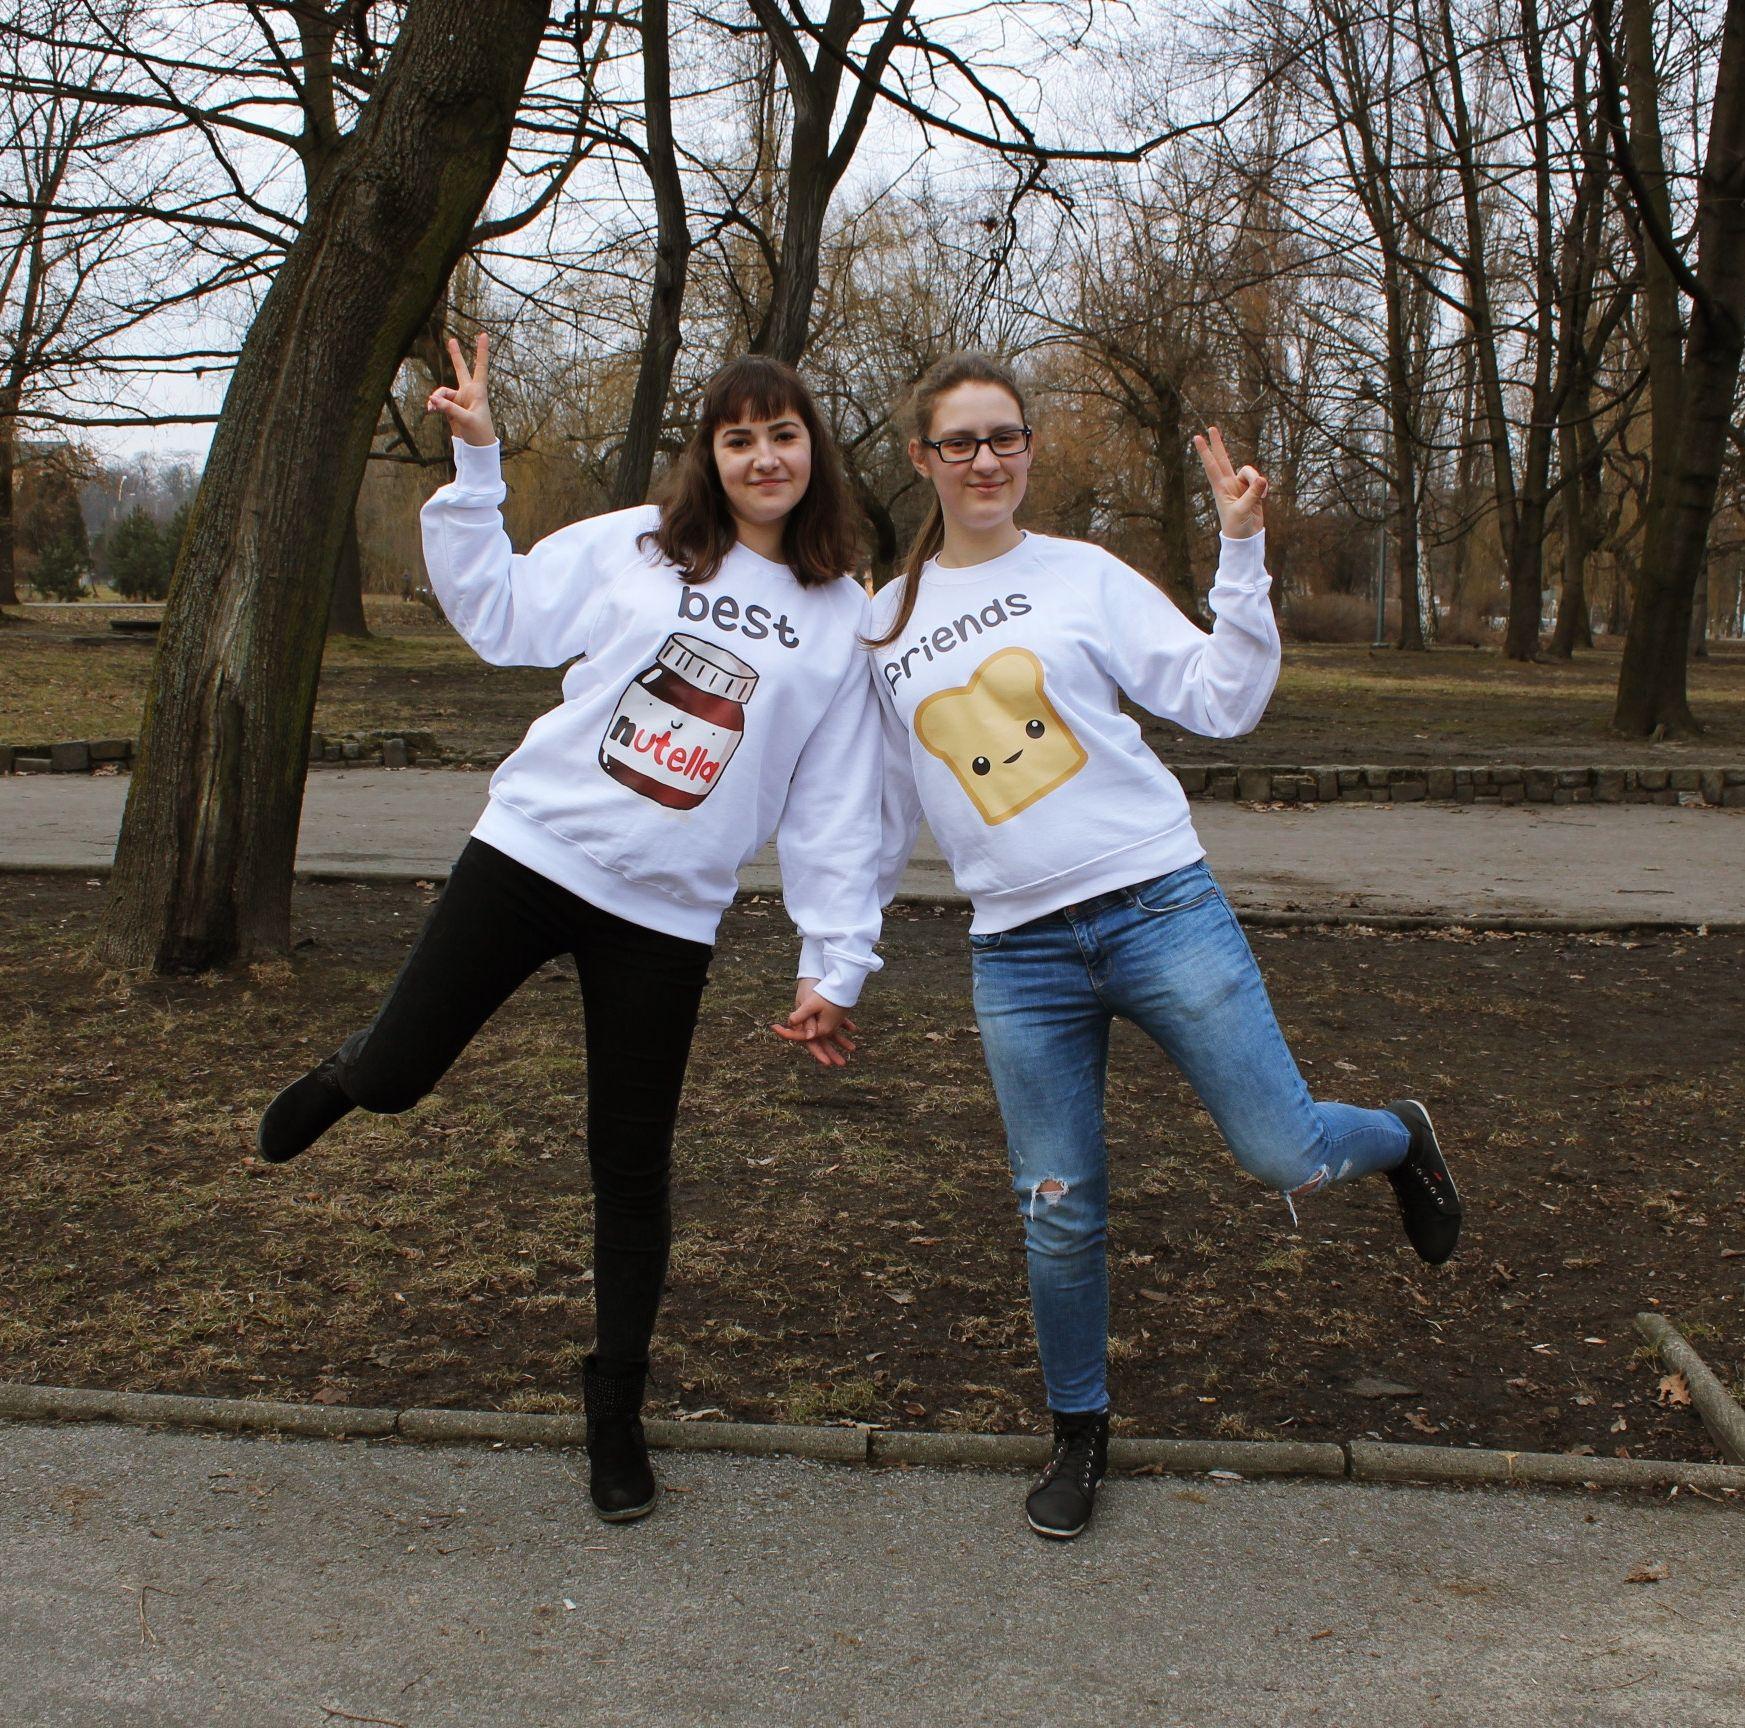 Bluzy Z Nadrukiem Nutella I Tost Dla Przyjaciolek Dla Przyjaciol Ootd School Couple Photos Couples